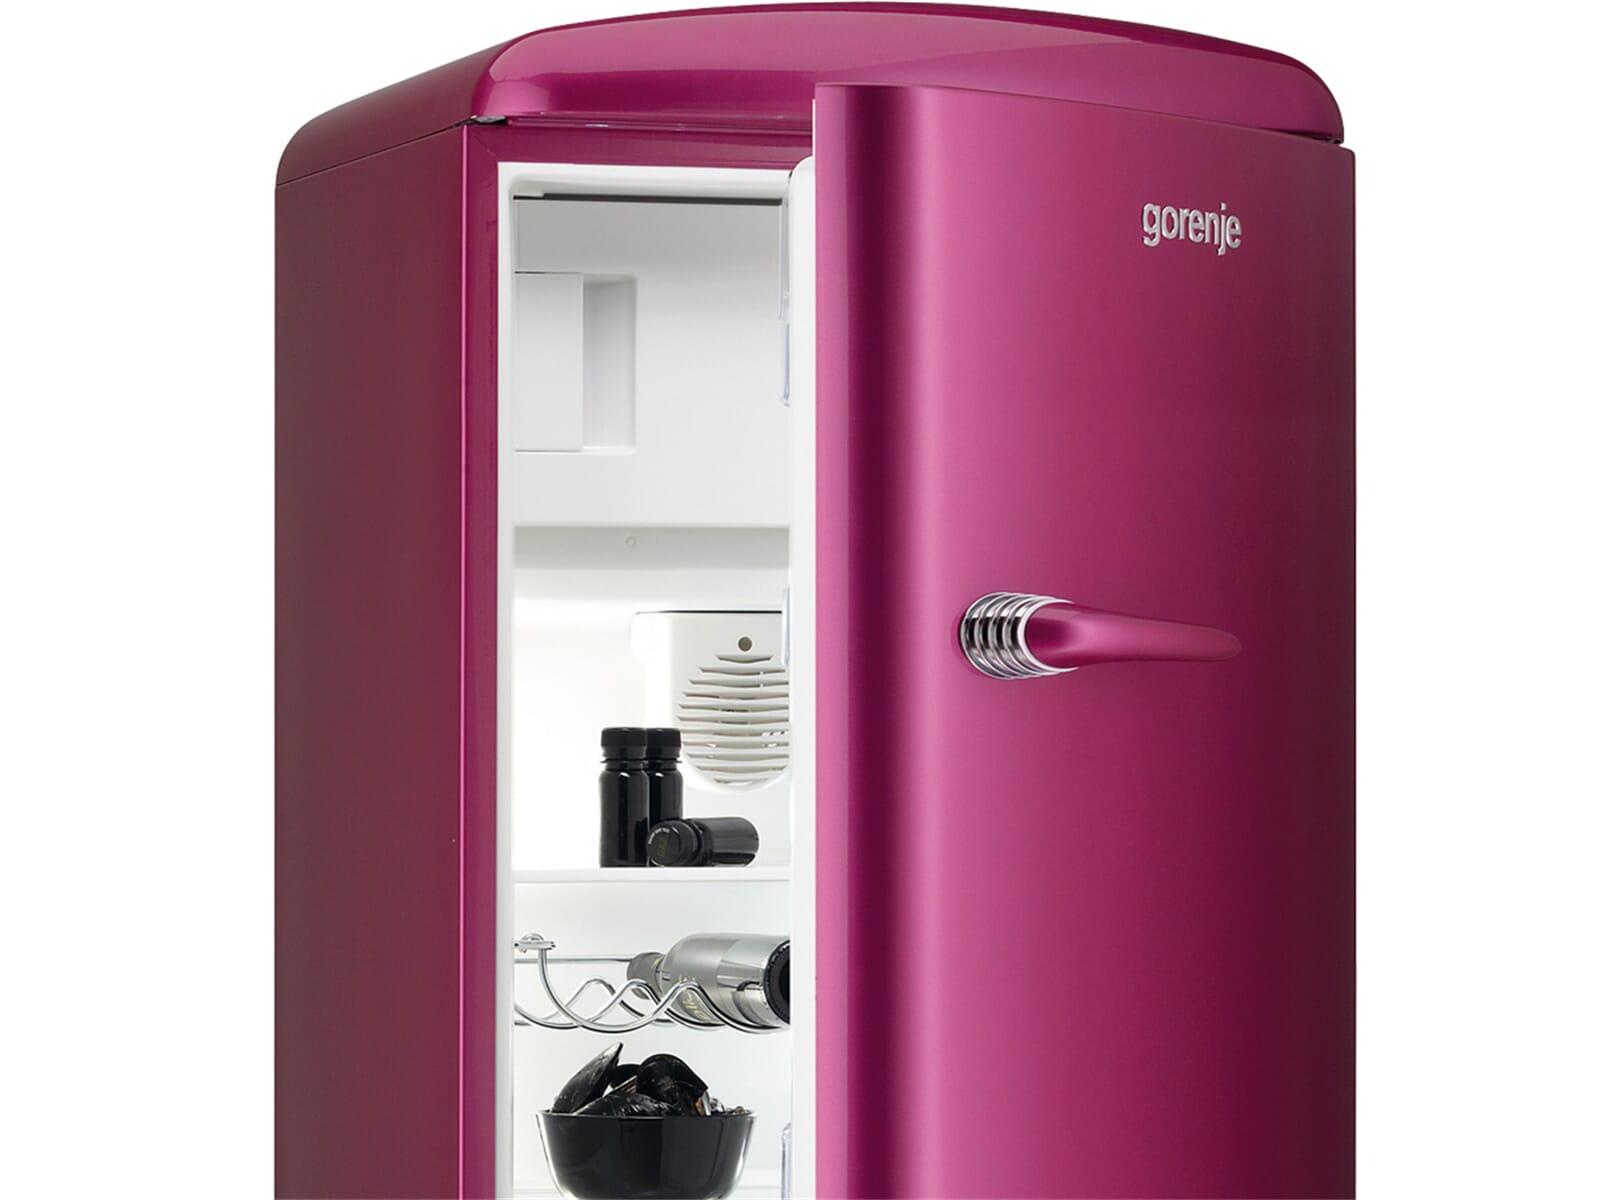 Amerikanischer Kühlschrank Rosa : Retro kühlschrank günstig retro kühlschrank rot typen best retro